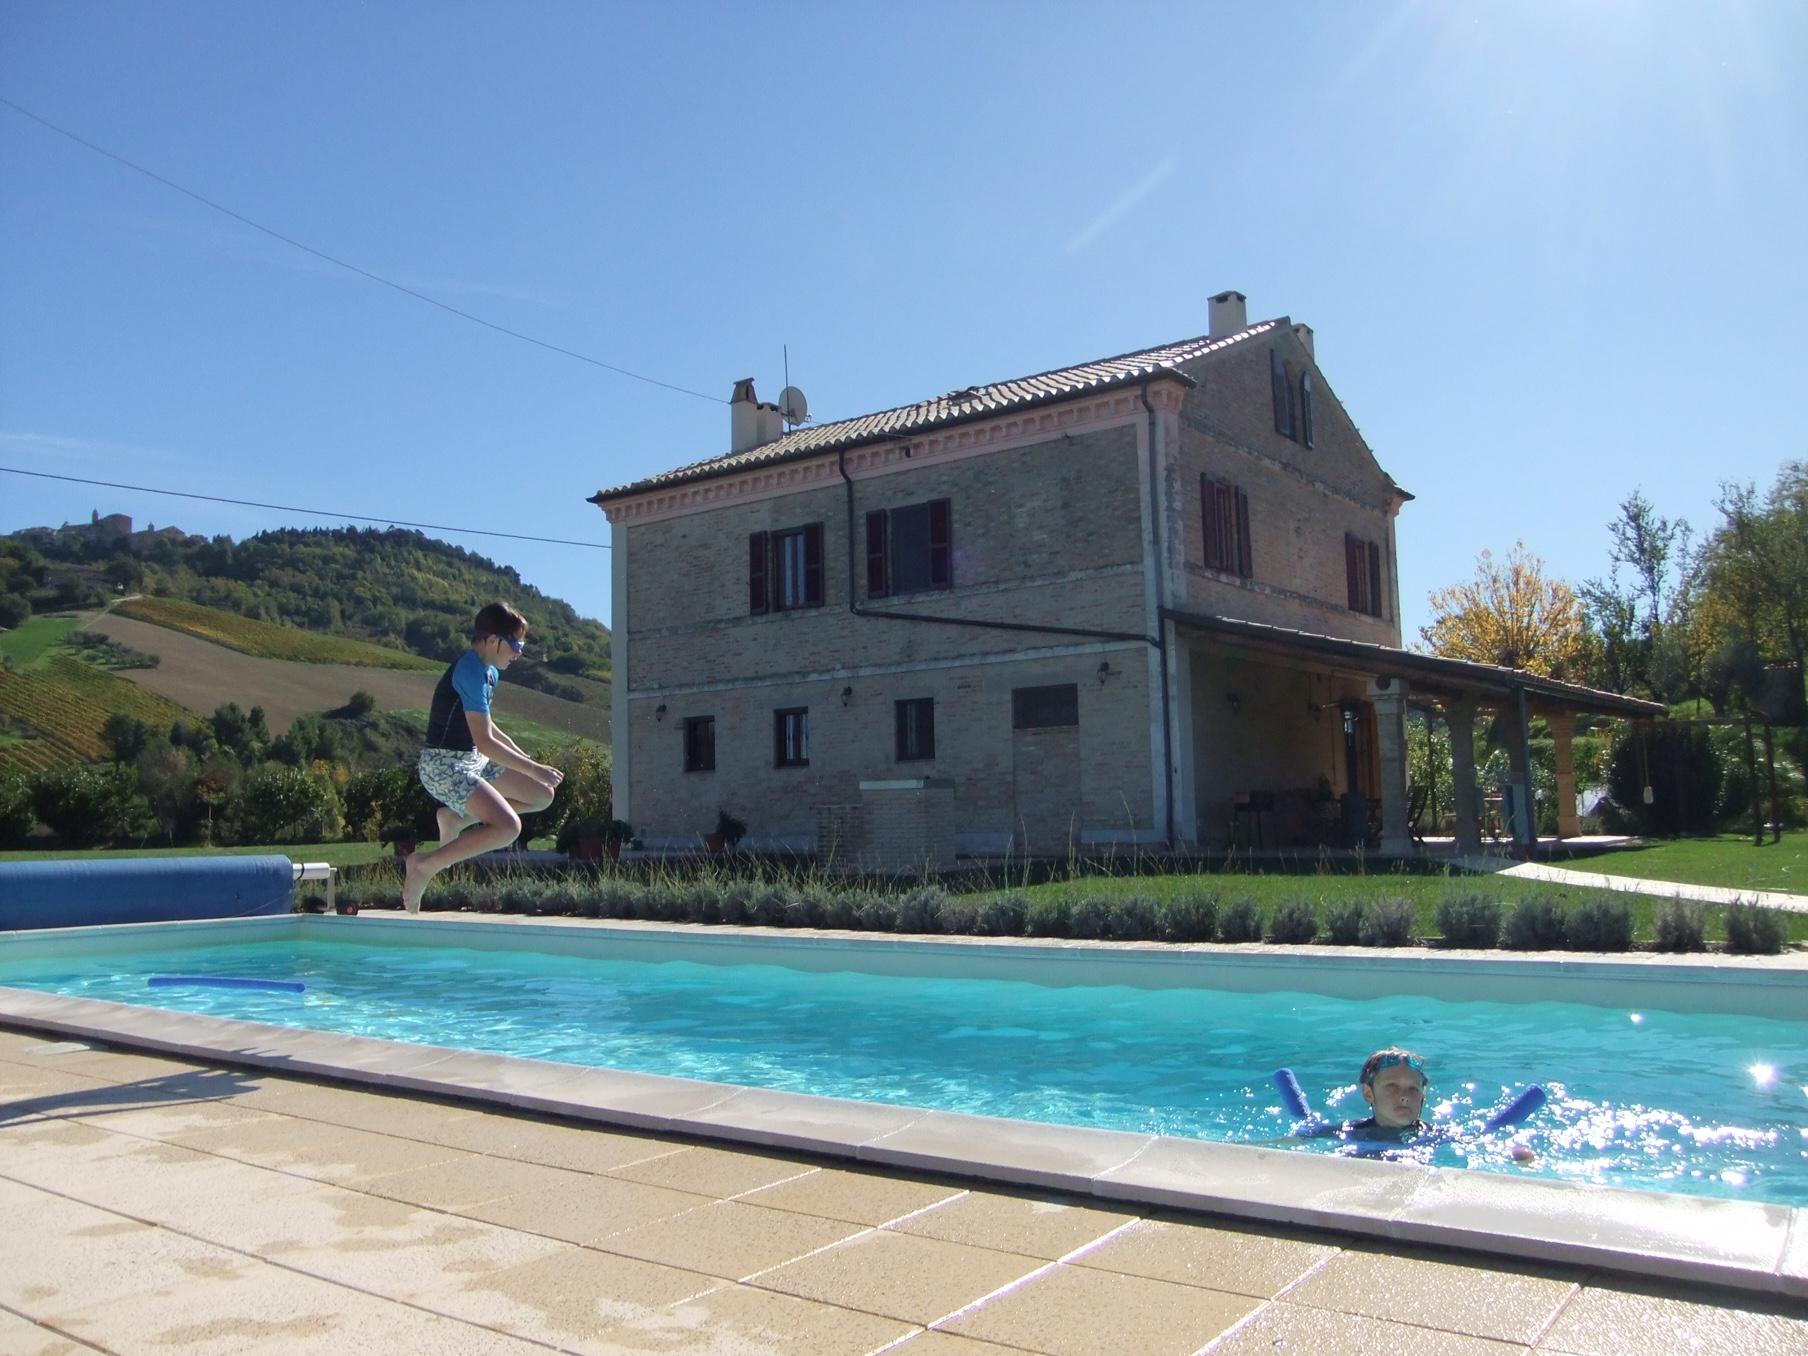 Progetti piscine piscine with progetti piscine with - Piscine di rosa ...